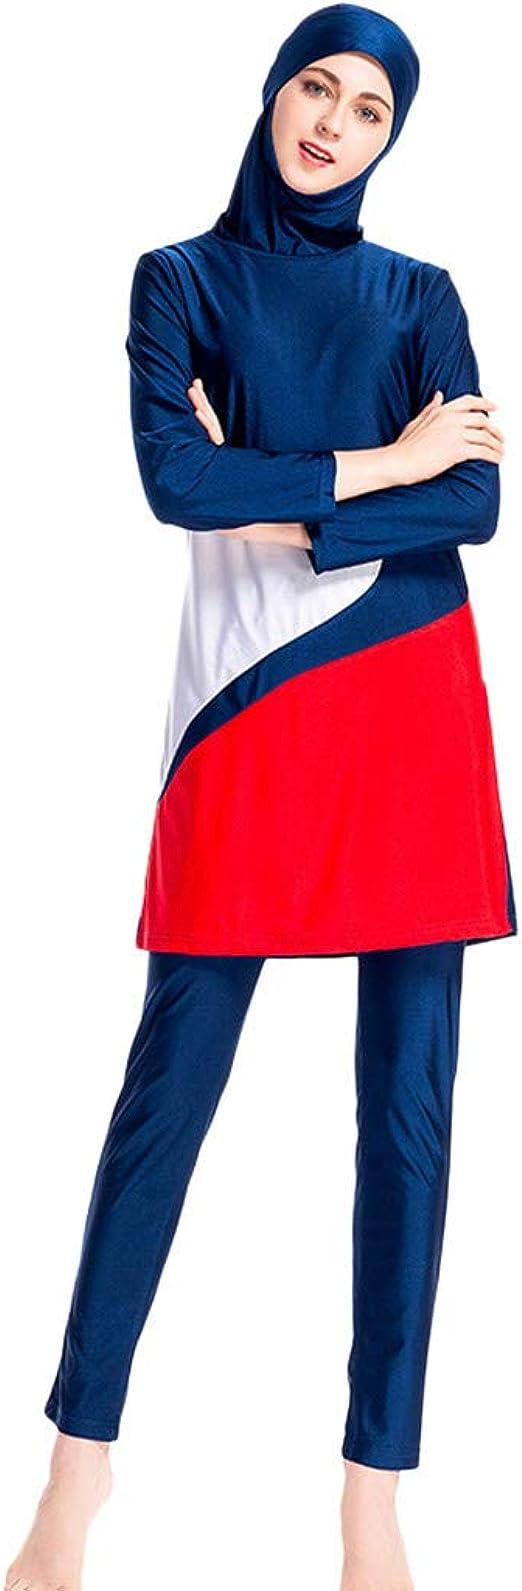 Xinantime Nouvelles Maillots de Bain Musulman Femmes Filles Musulmanes Modeste Beachwear Couverture Compl/ète Islamique Hijab Muslim Swimwear